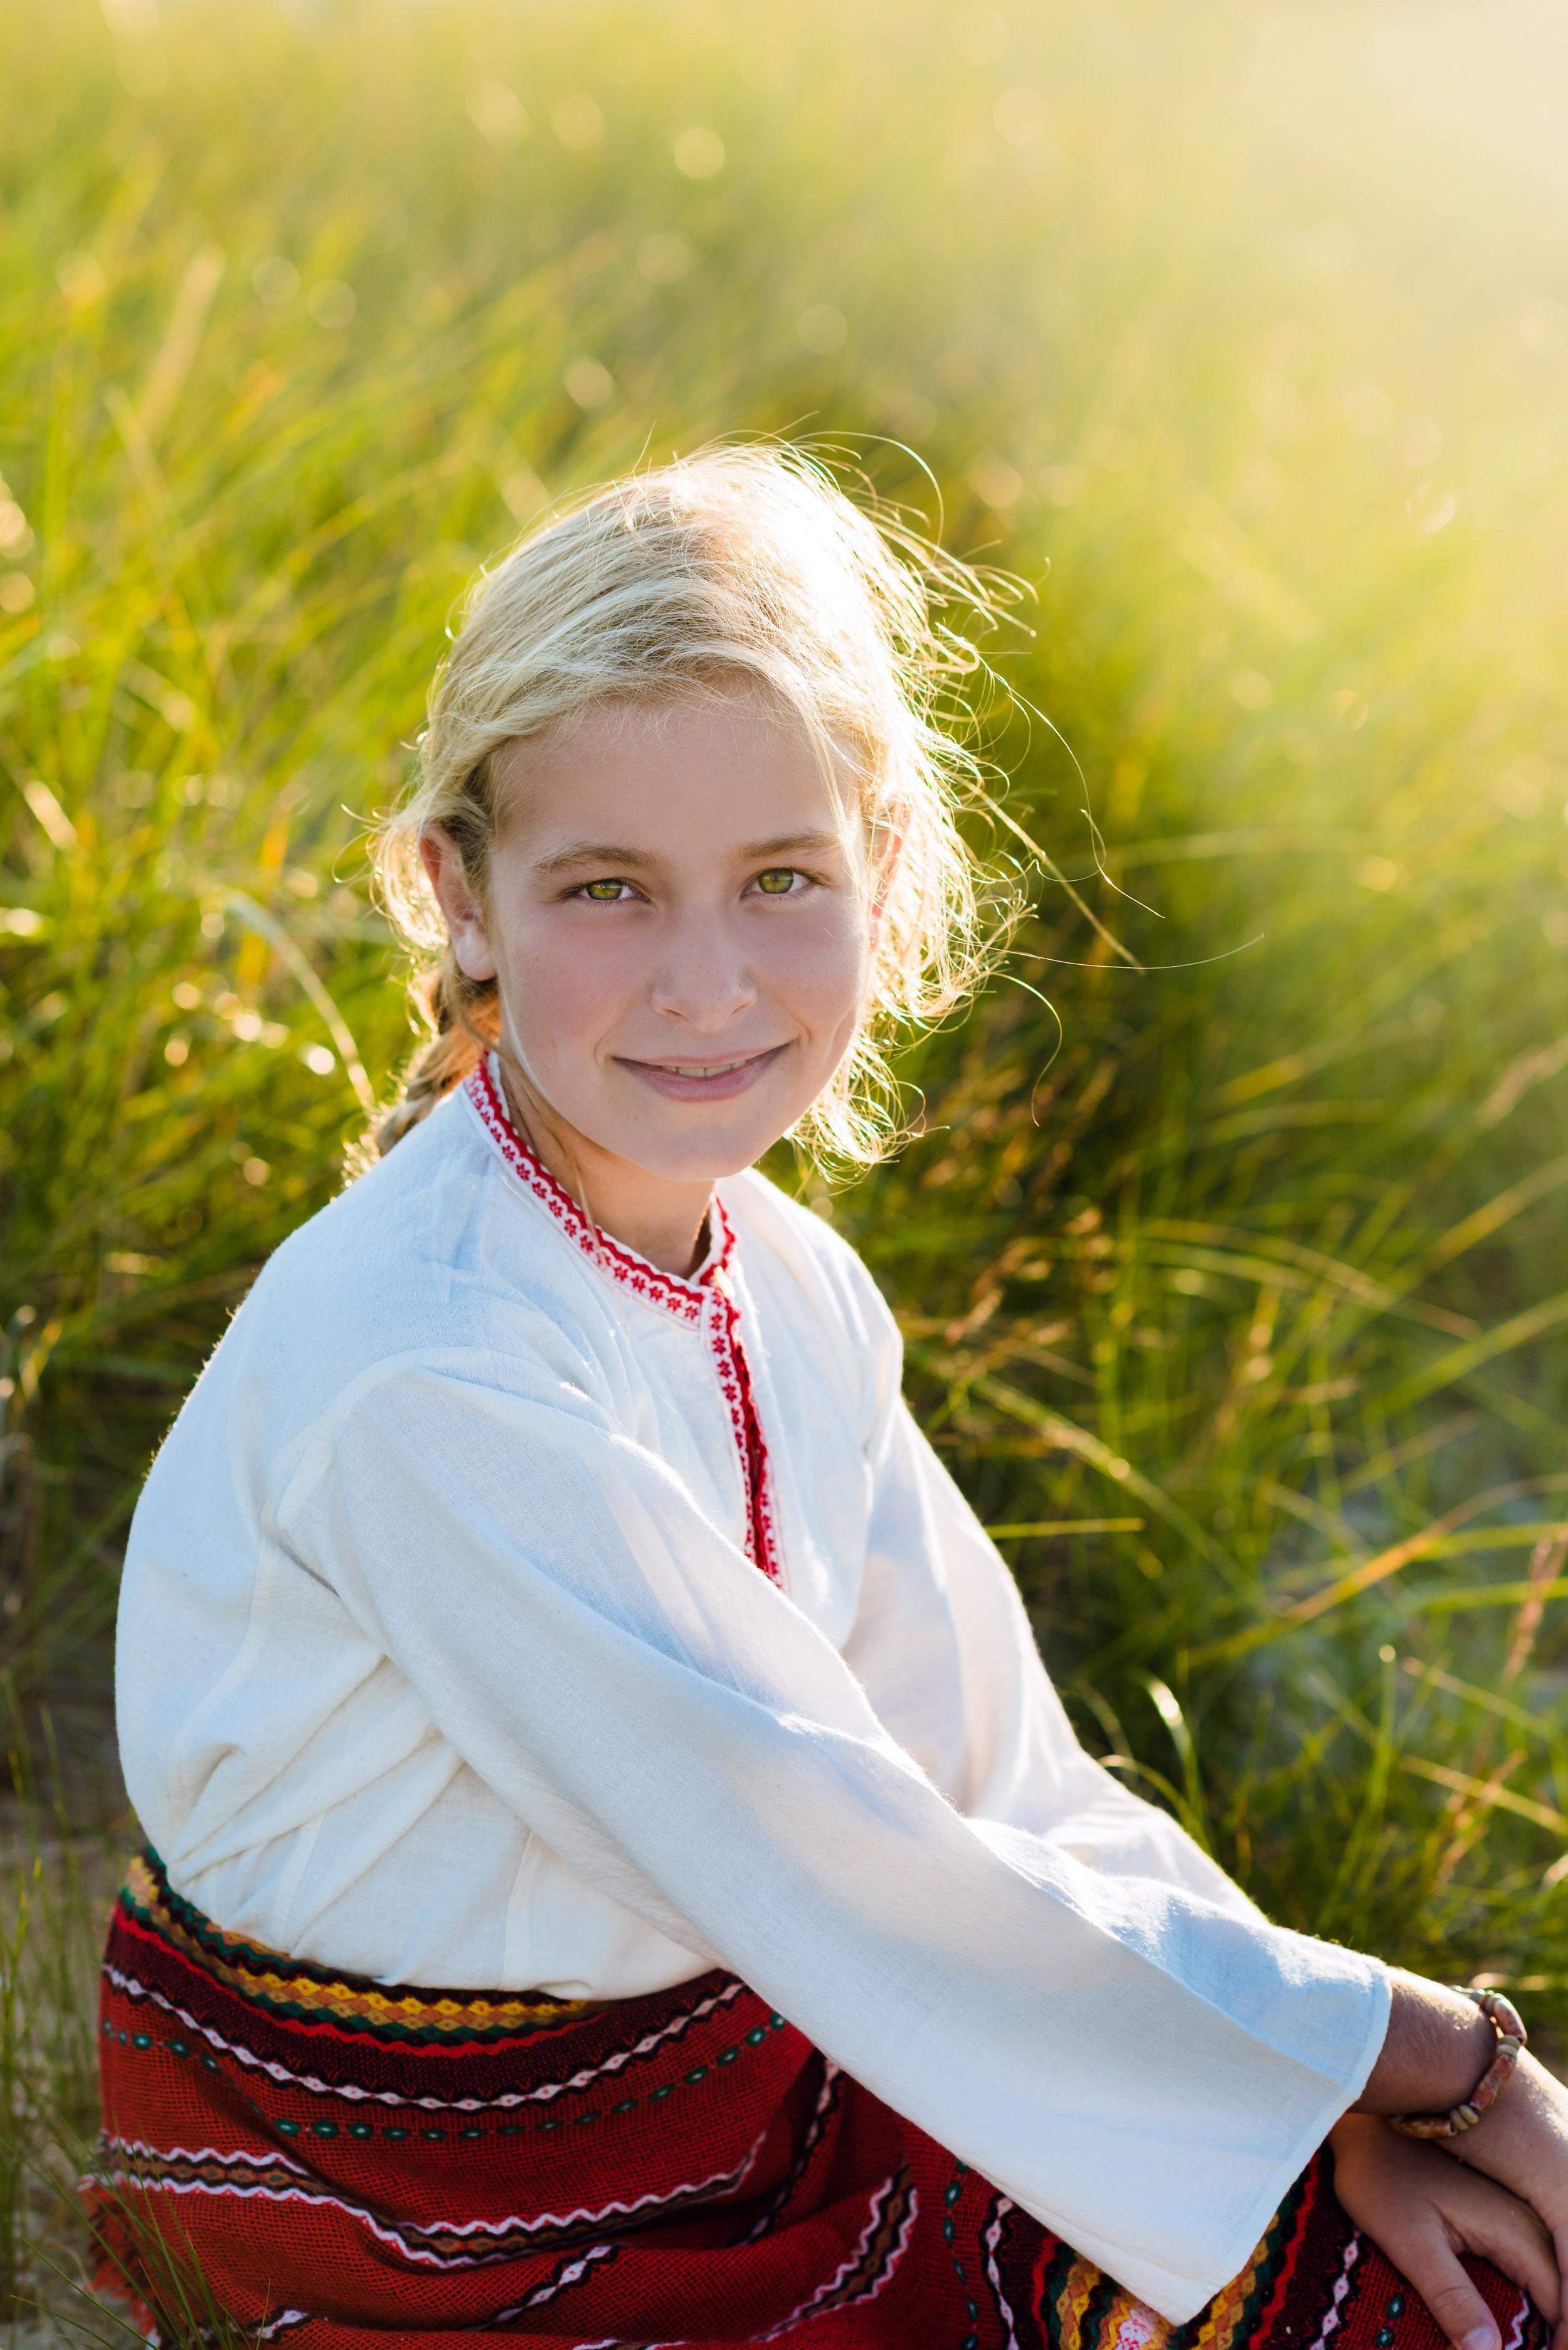 Lori wearing traditional Bulgarian costume